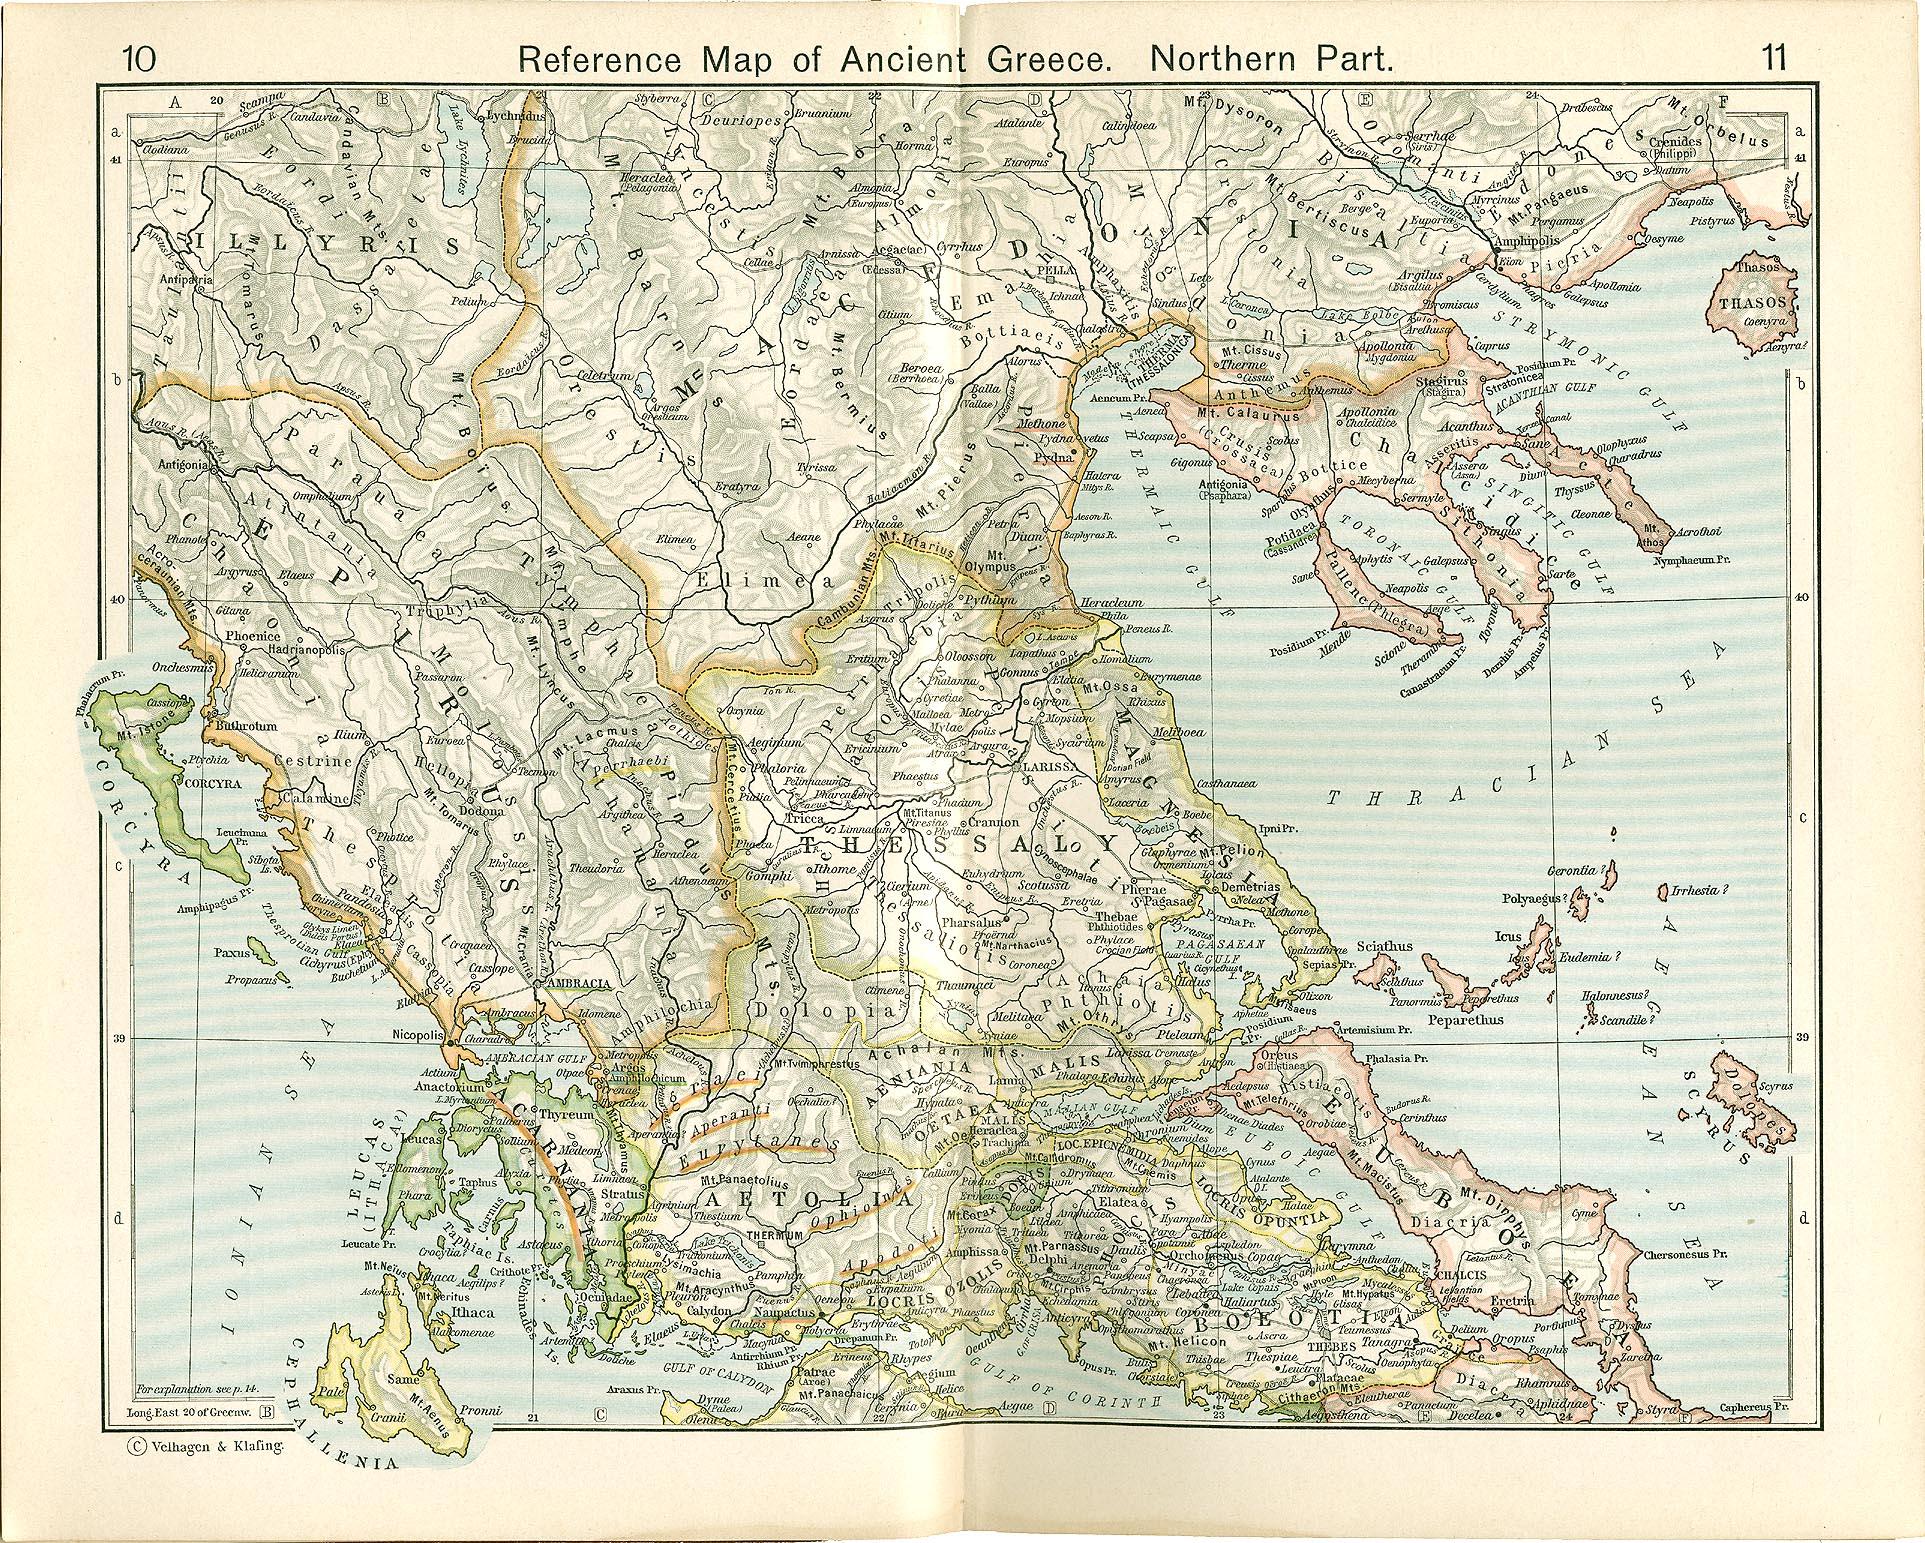 Mapa de Referencia de la Grecia Antigua, Parte Norte